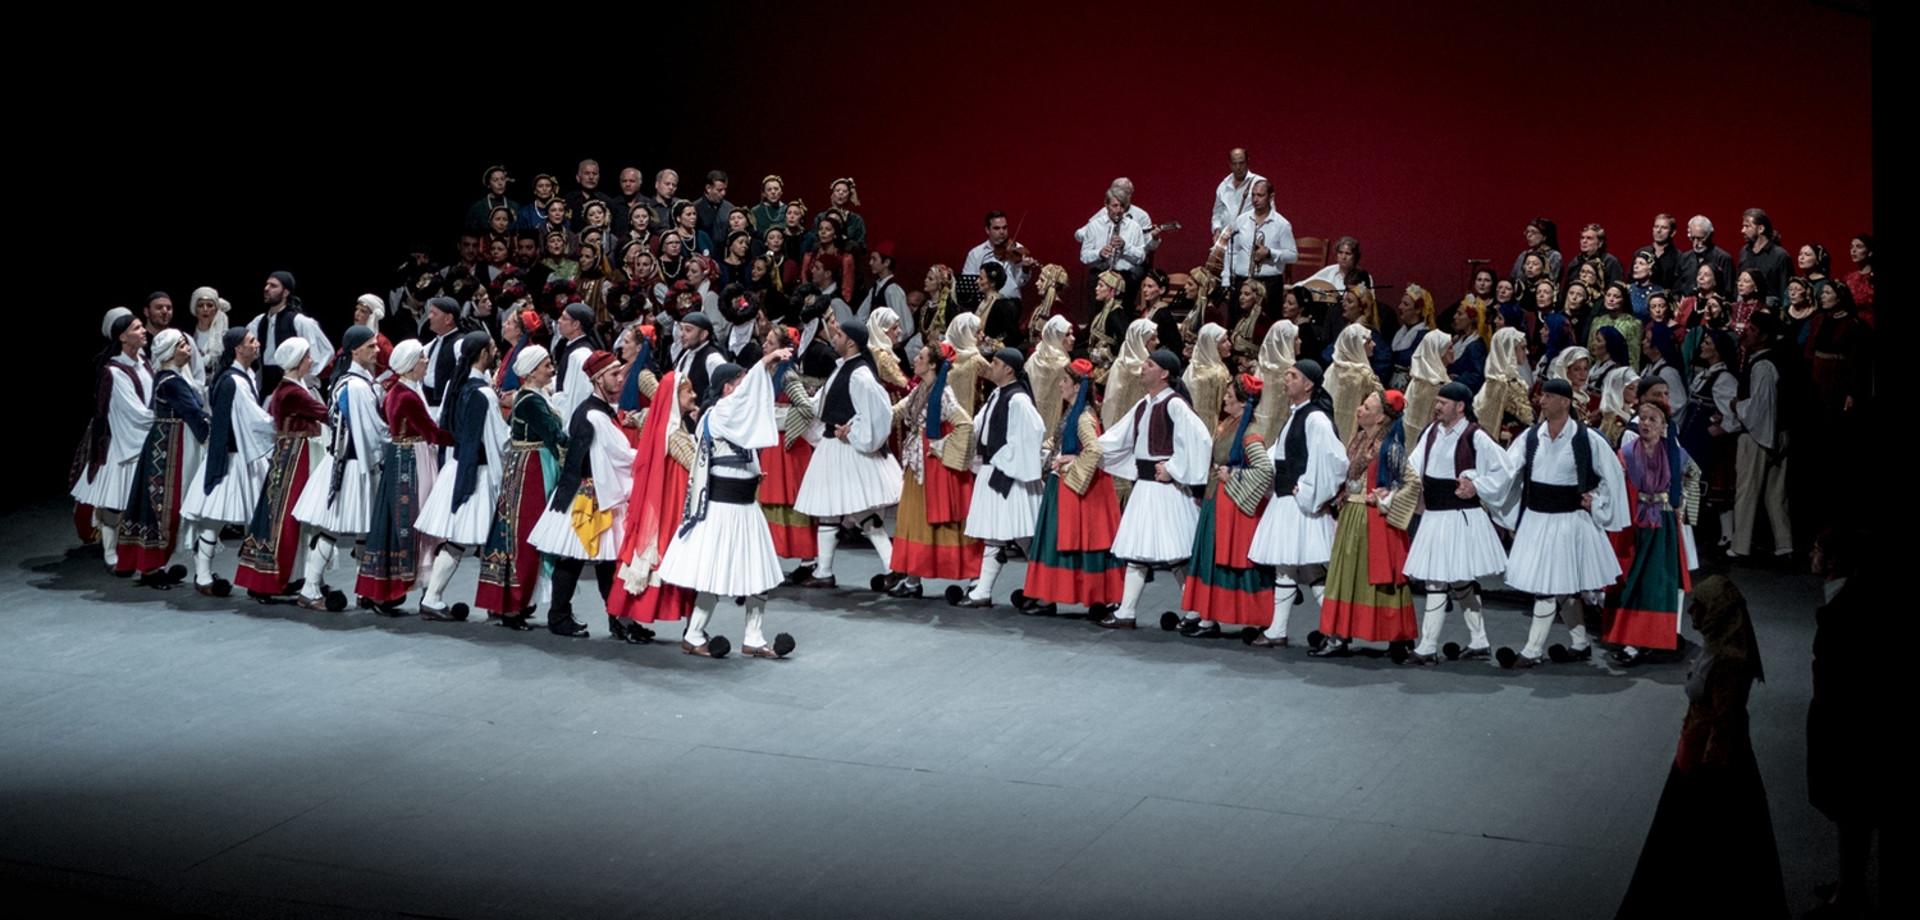 Το Φεστιβάλ Επιδαύρου τιμά τη μουσικοχορευτική παράδοση του Μοριά